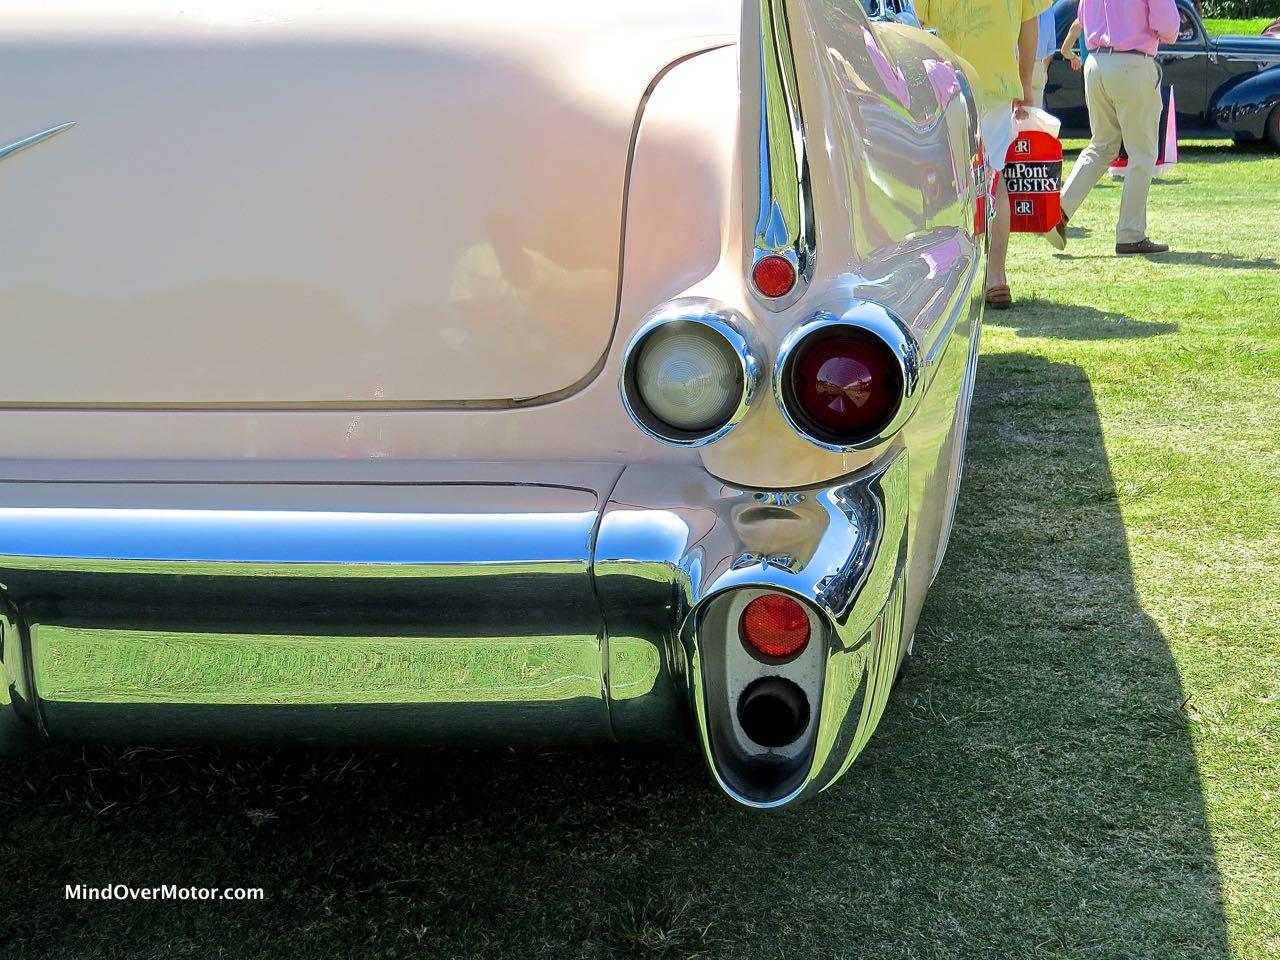 1956 Cadillac Eldorado Taillight Detail